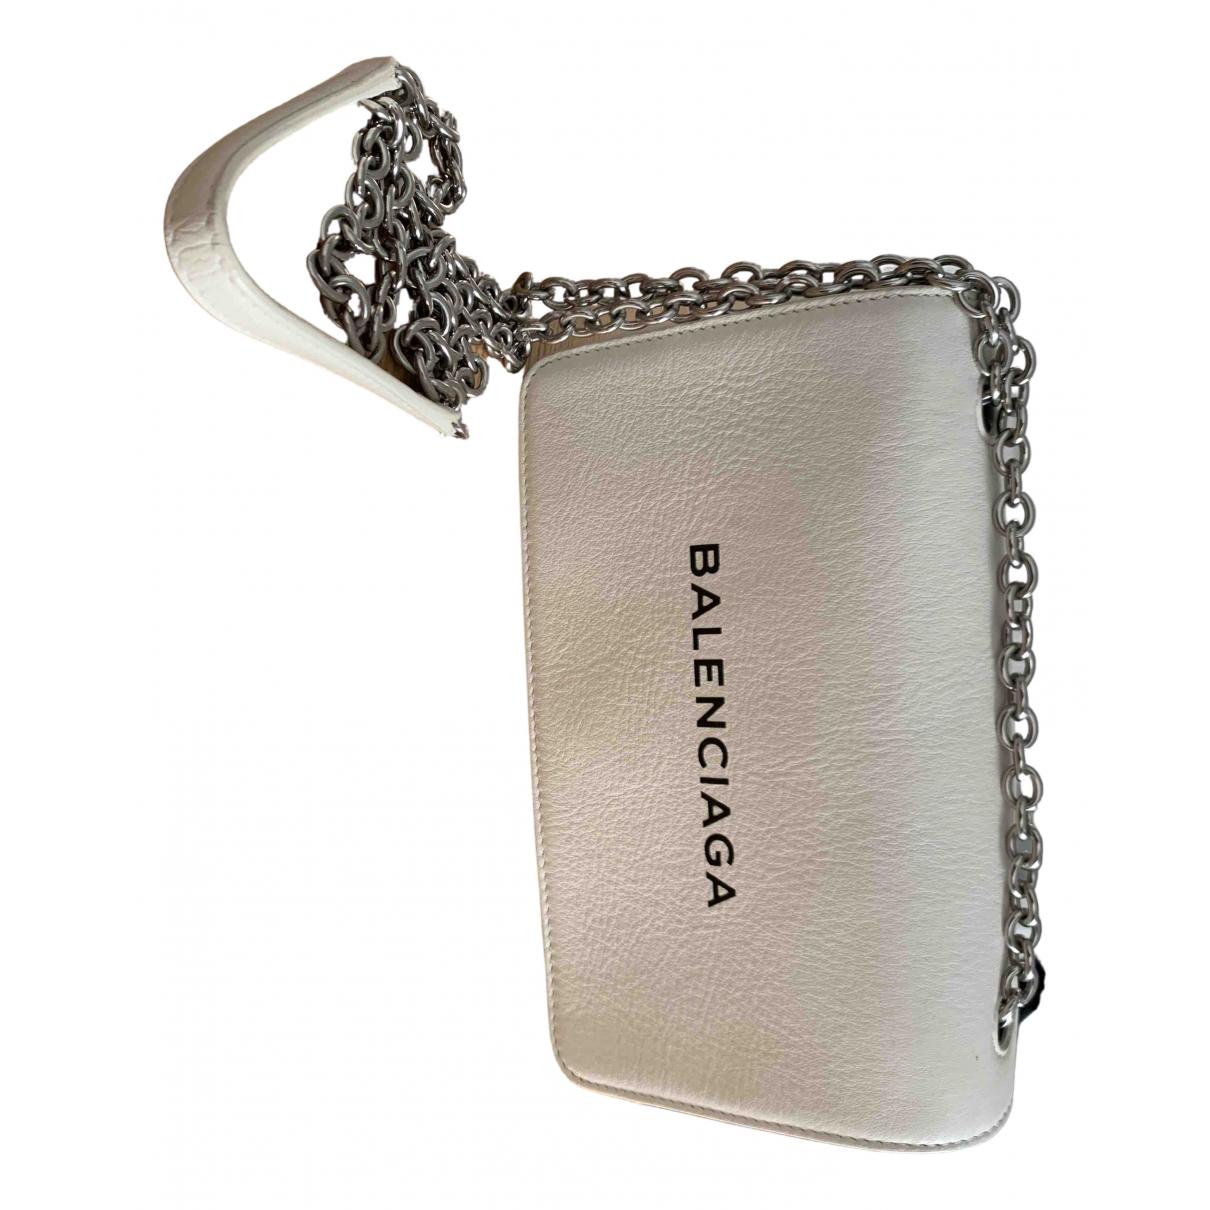 Balenciaga - Sac a main   pour femme en cuir - blanc